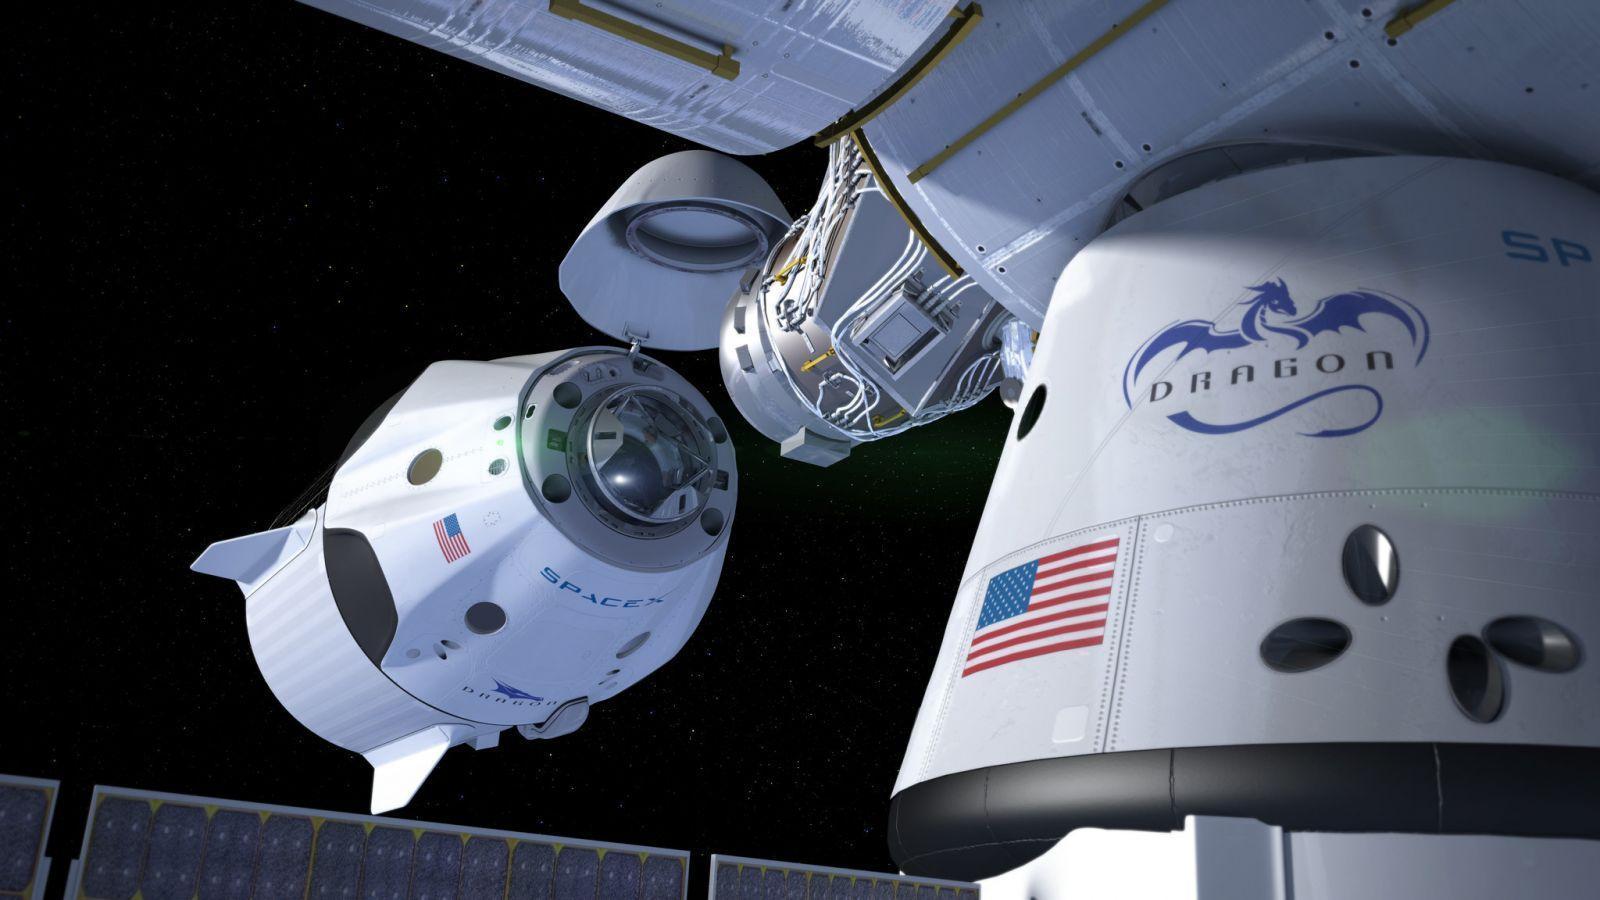 Сегодня SpaceX запустит Crew Dragon: начало трансляции в 23:33 по МСК (la 1504651701 e410wcq05d snap image)